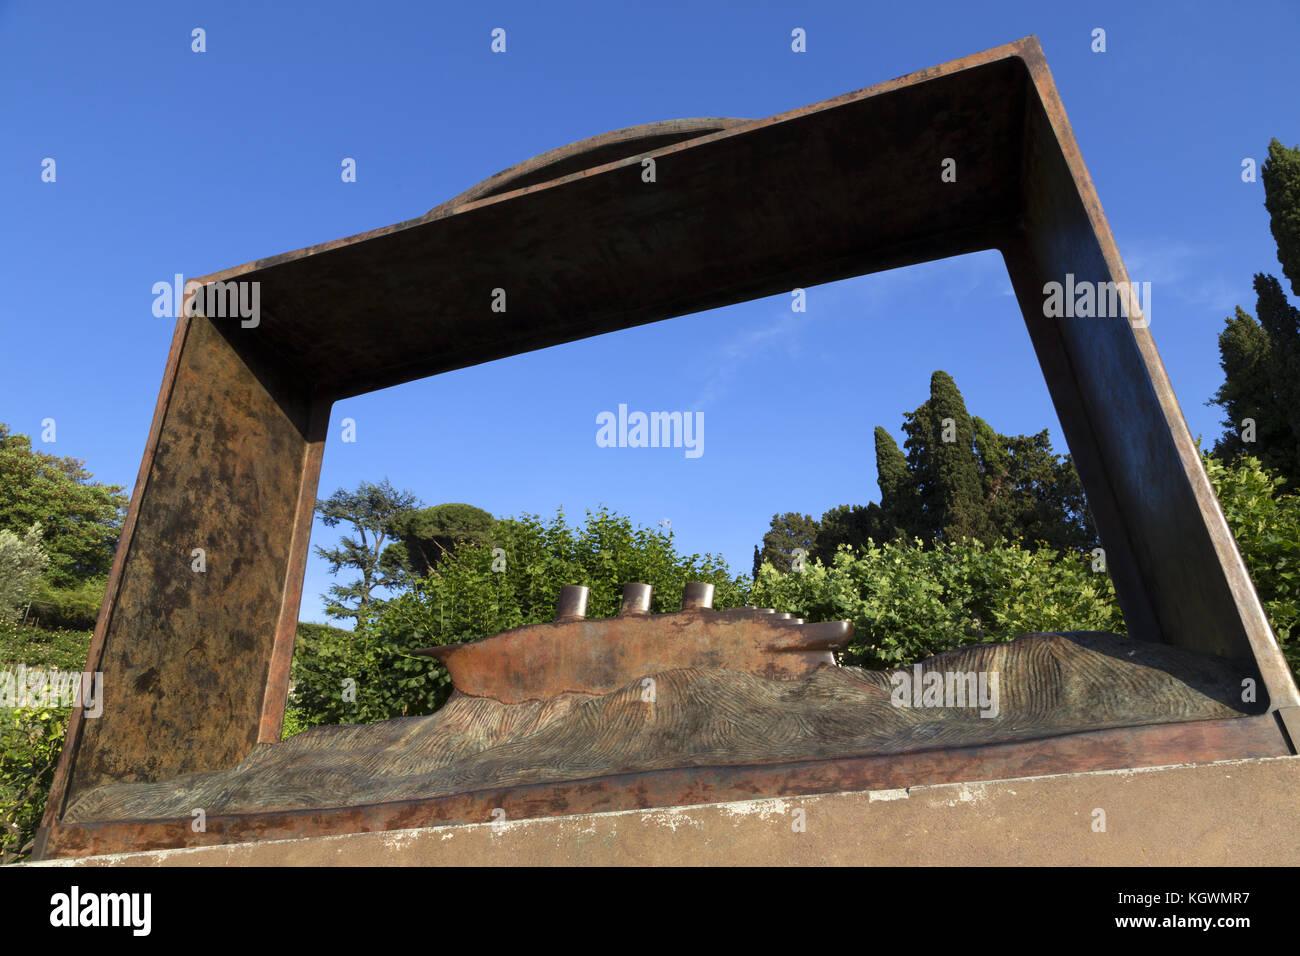 c421d0ae79c Le jardin de roses est un espace vert et une magnifique vue panoramique